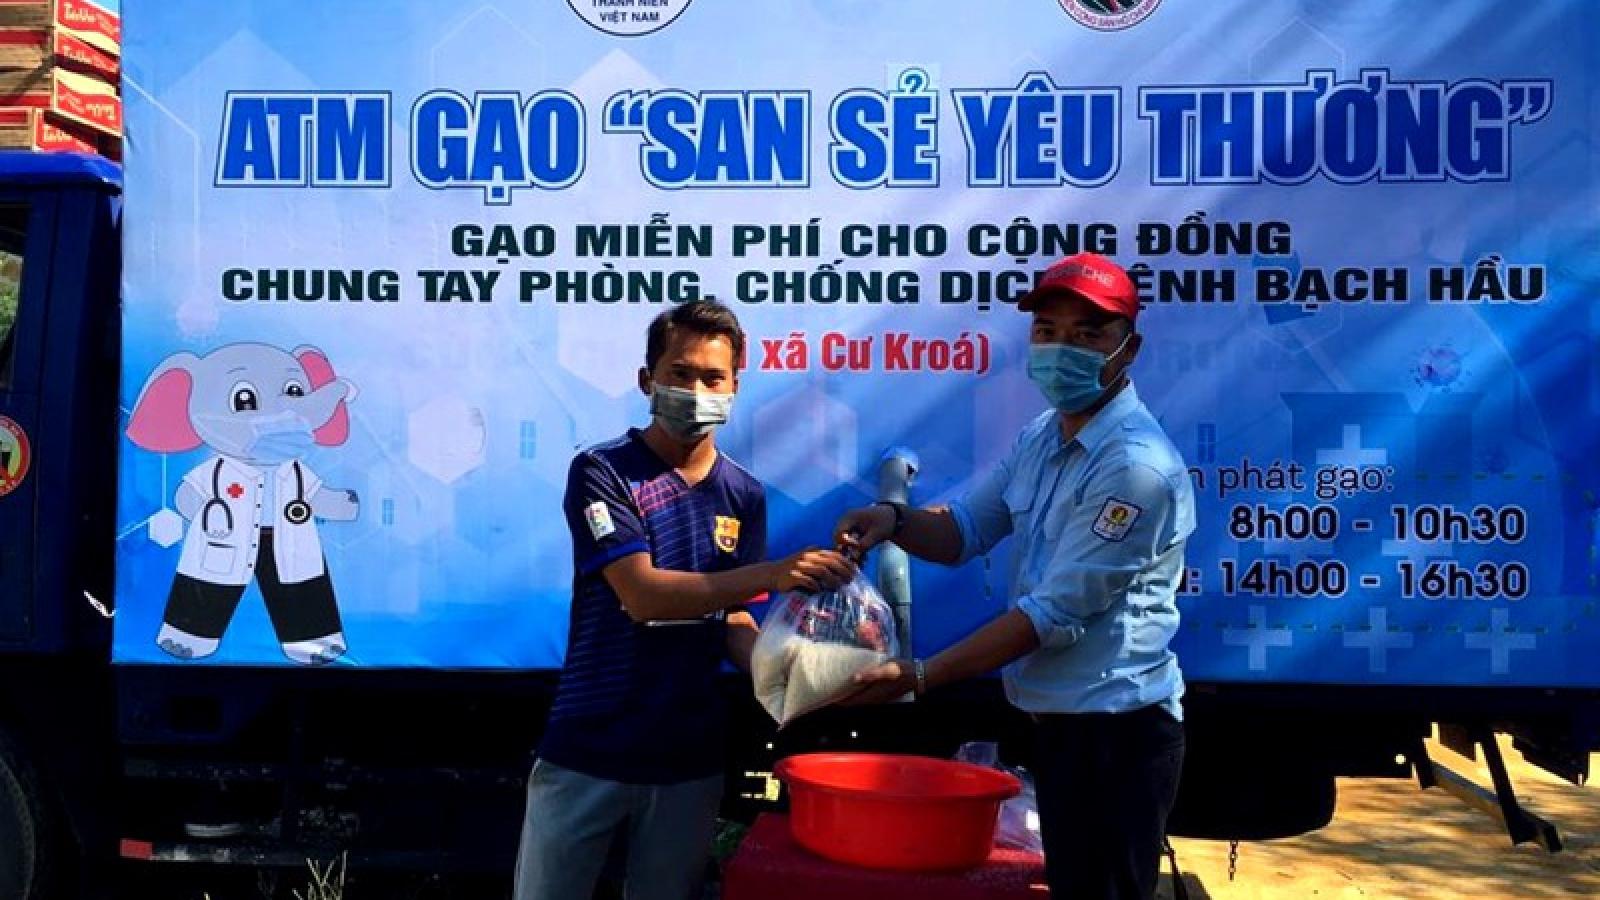 Tuổi trẻ Đắk Lắk chung tay phòng chống dịch bệnh bạch hầu